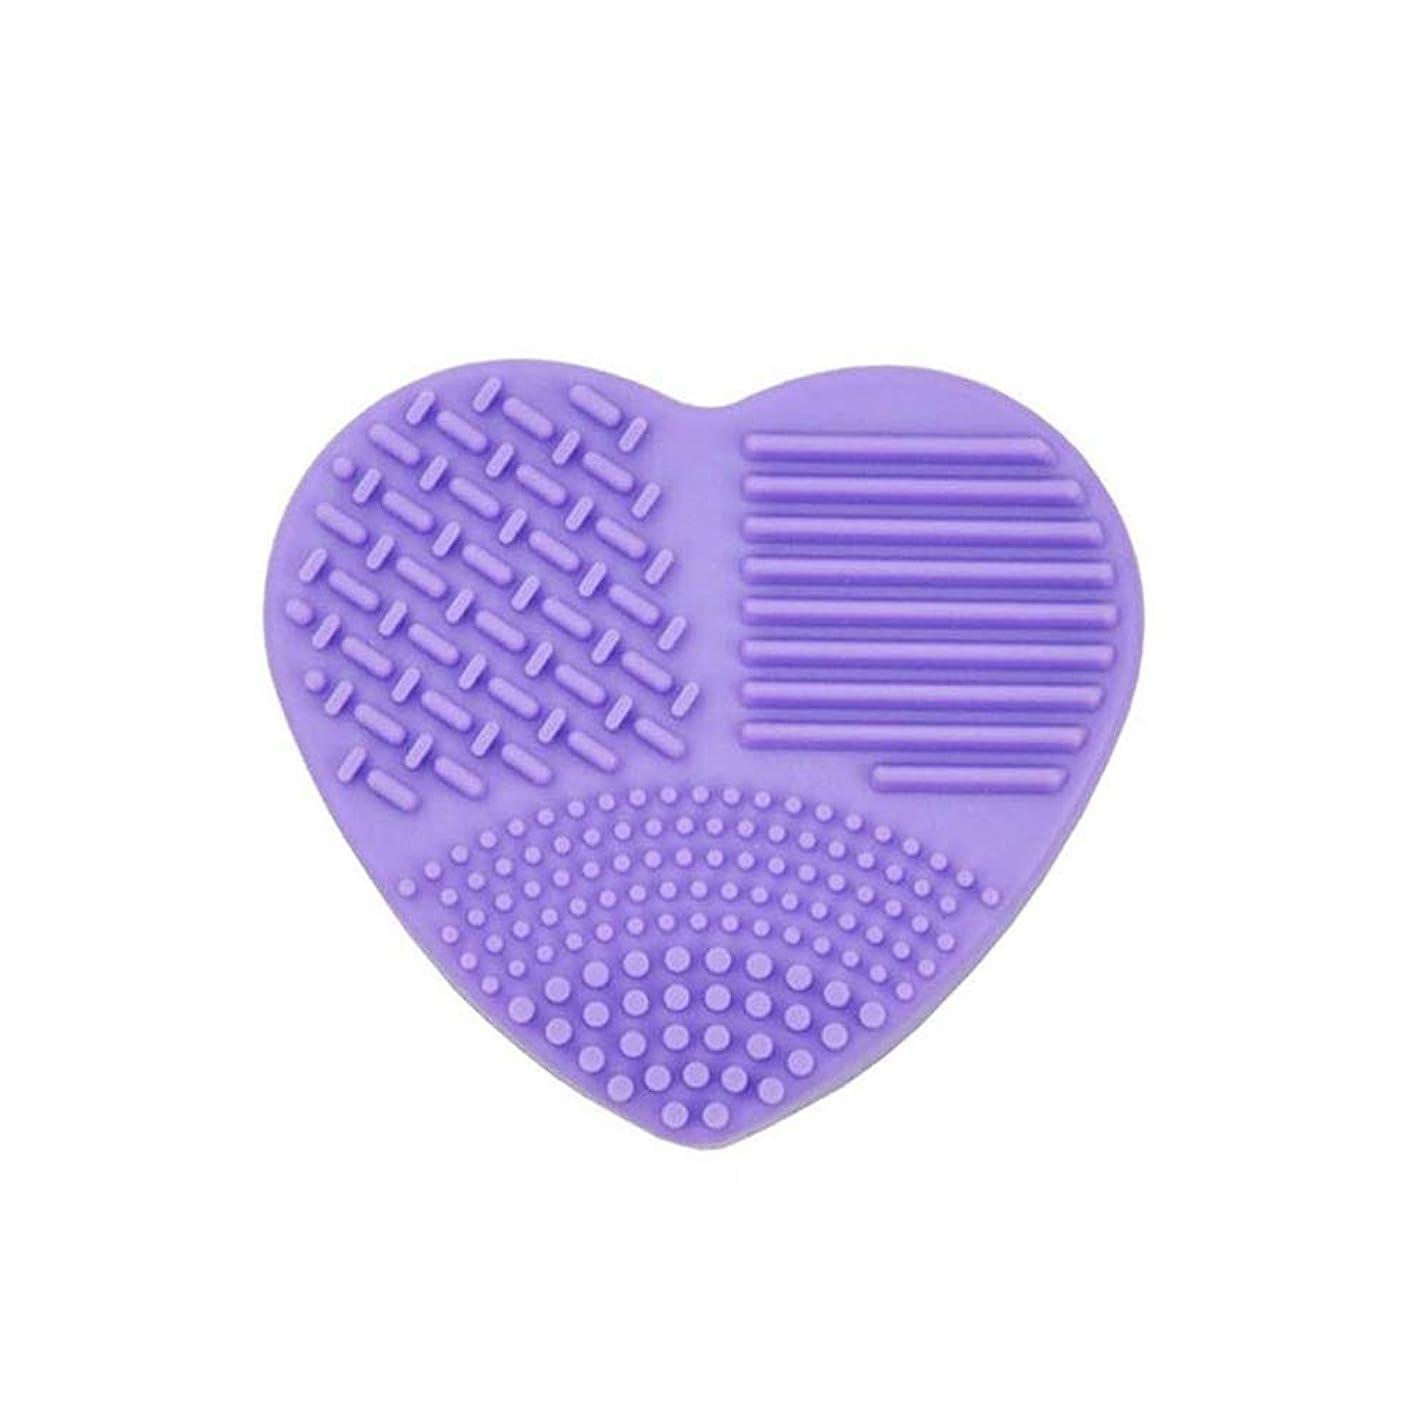 シート収益悪因子Onior 3in1 シリコン洗濯板 ポータブル メイクブラシクリーナー 旅行や外泊の必需品 化粧ブラシクリーナー 洗浄ブラシ 清掃ブラシ シリコンブラシ 強い弾力性